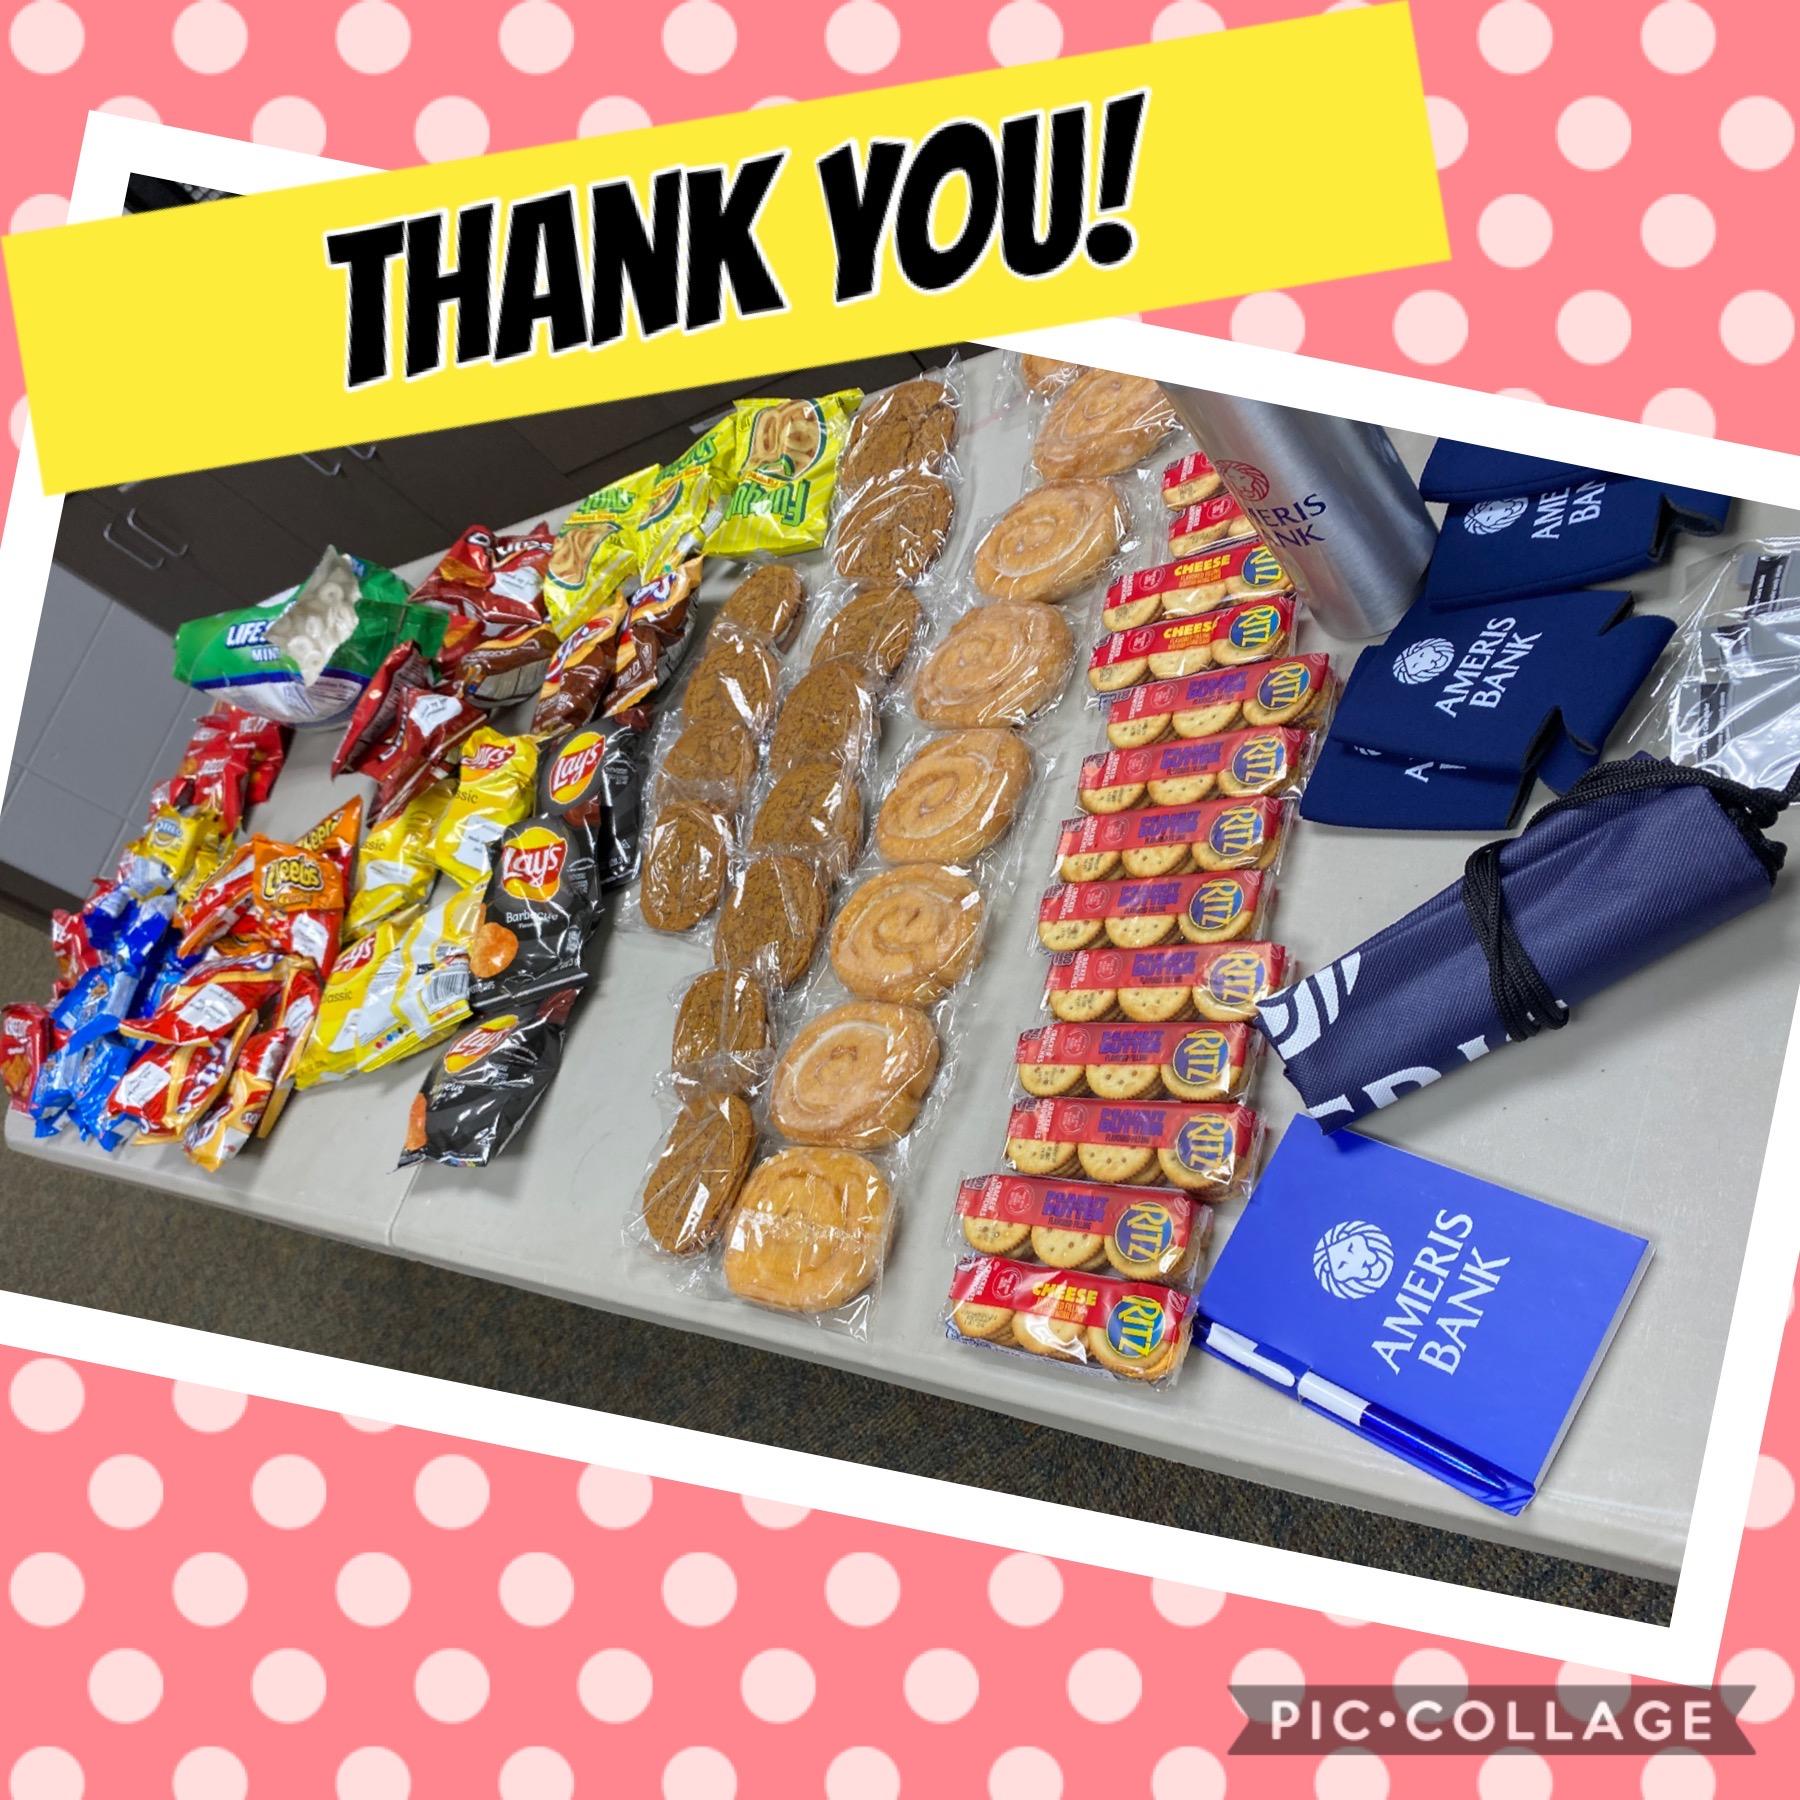 Ameris Bank Thank You